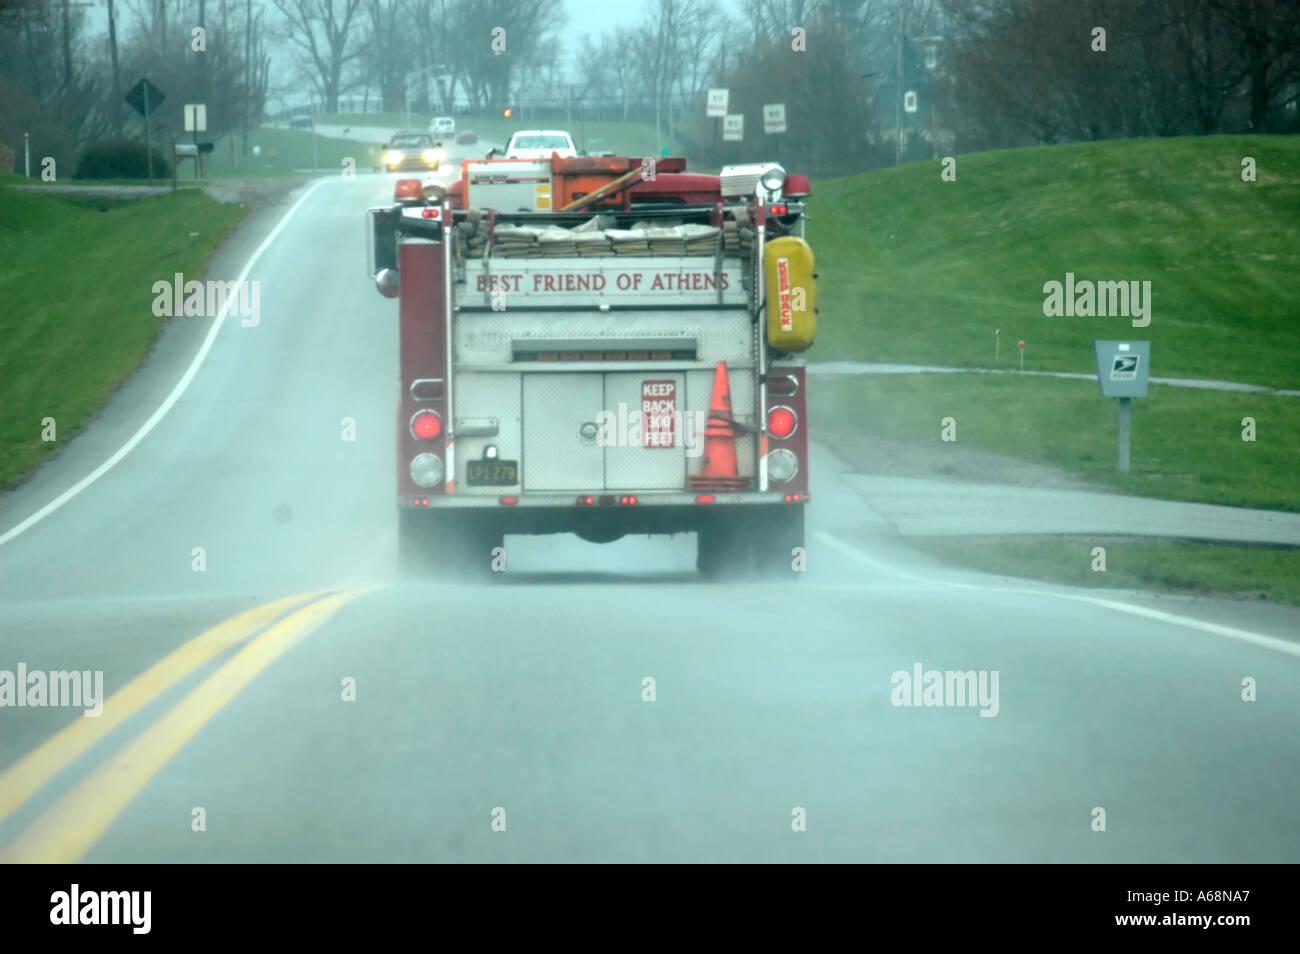 Rückansicht des ein rotes Feuerwehrauto Beschleunigung nach unten einen regen slicked Weg in der Bluegrass-Region von Kentucky USA Stockfoto